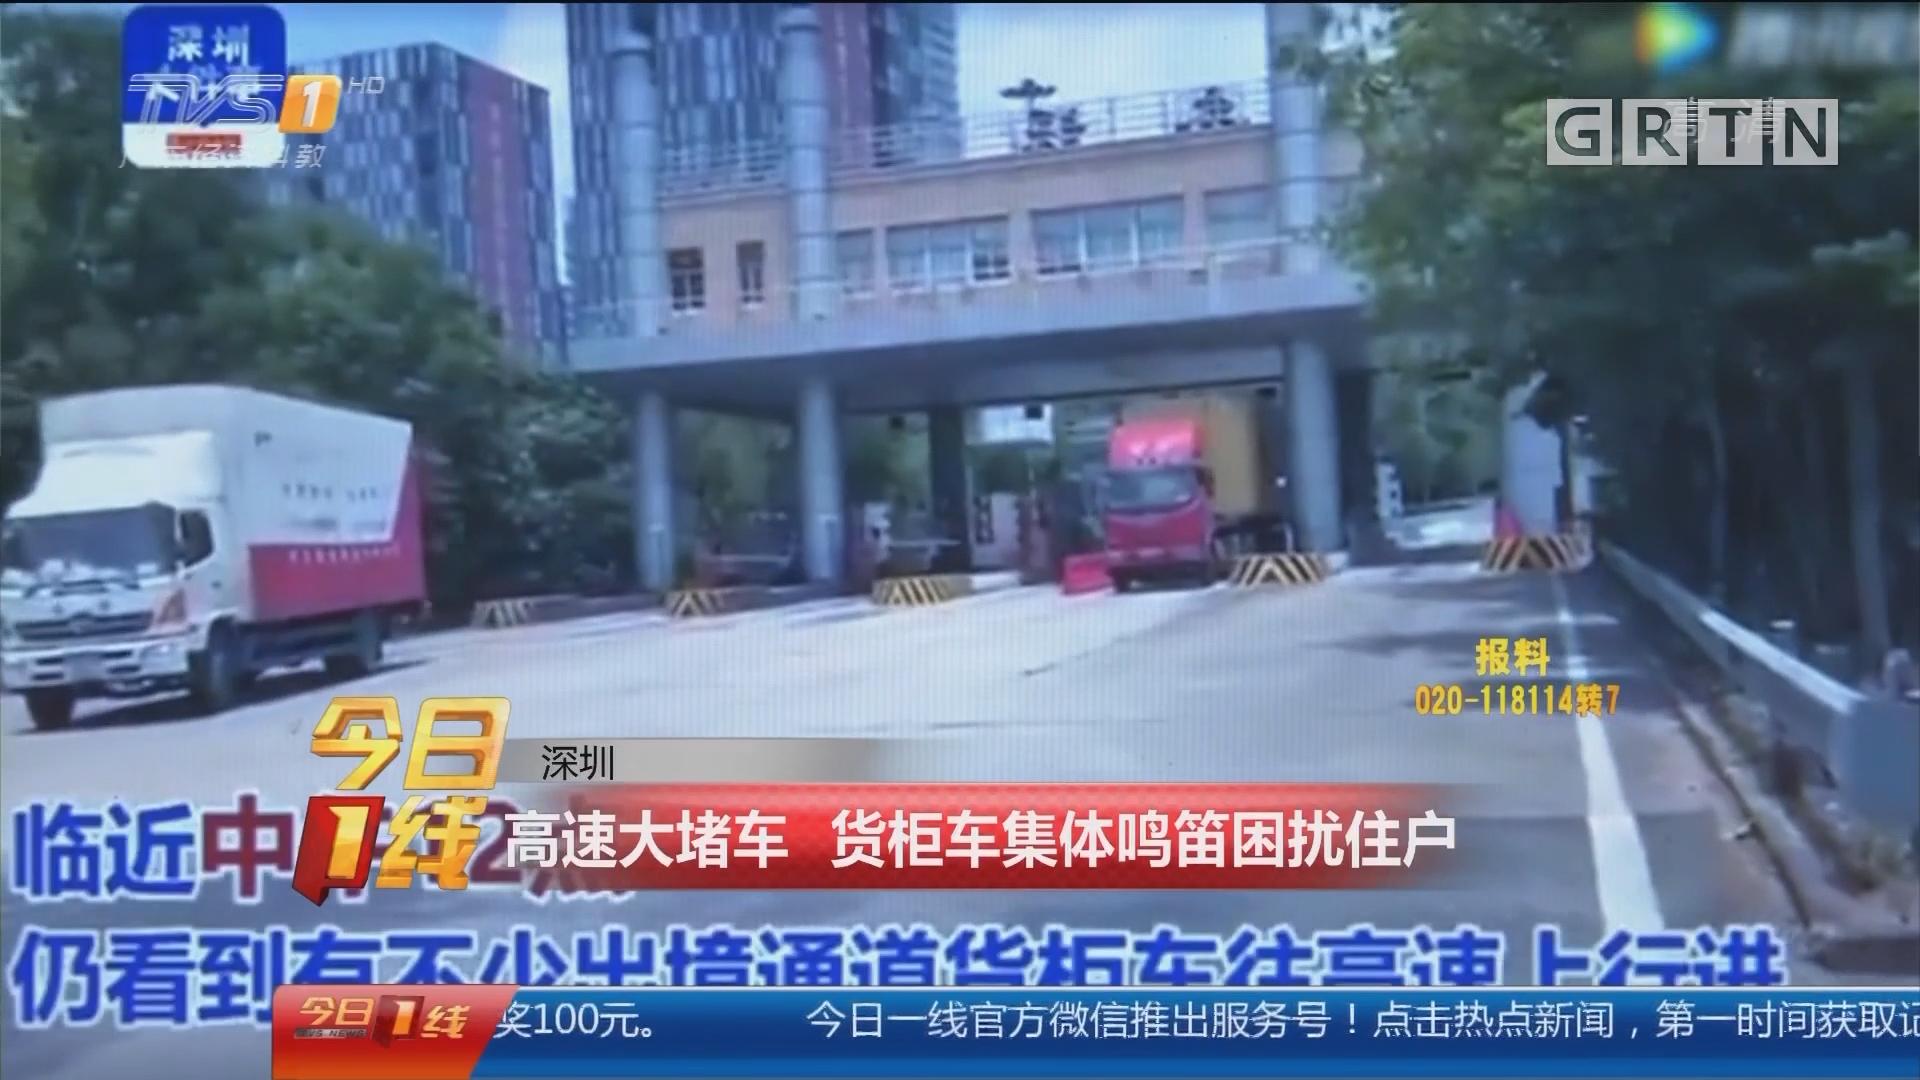 深圳:高速大堵车 货柜车集体鸣笛困扰住户